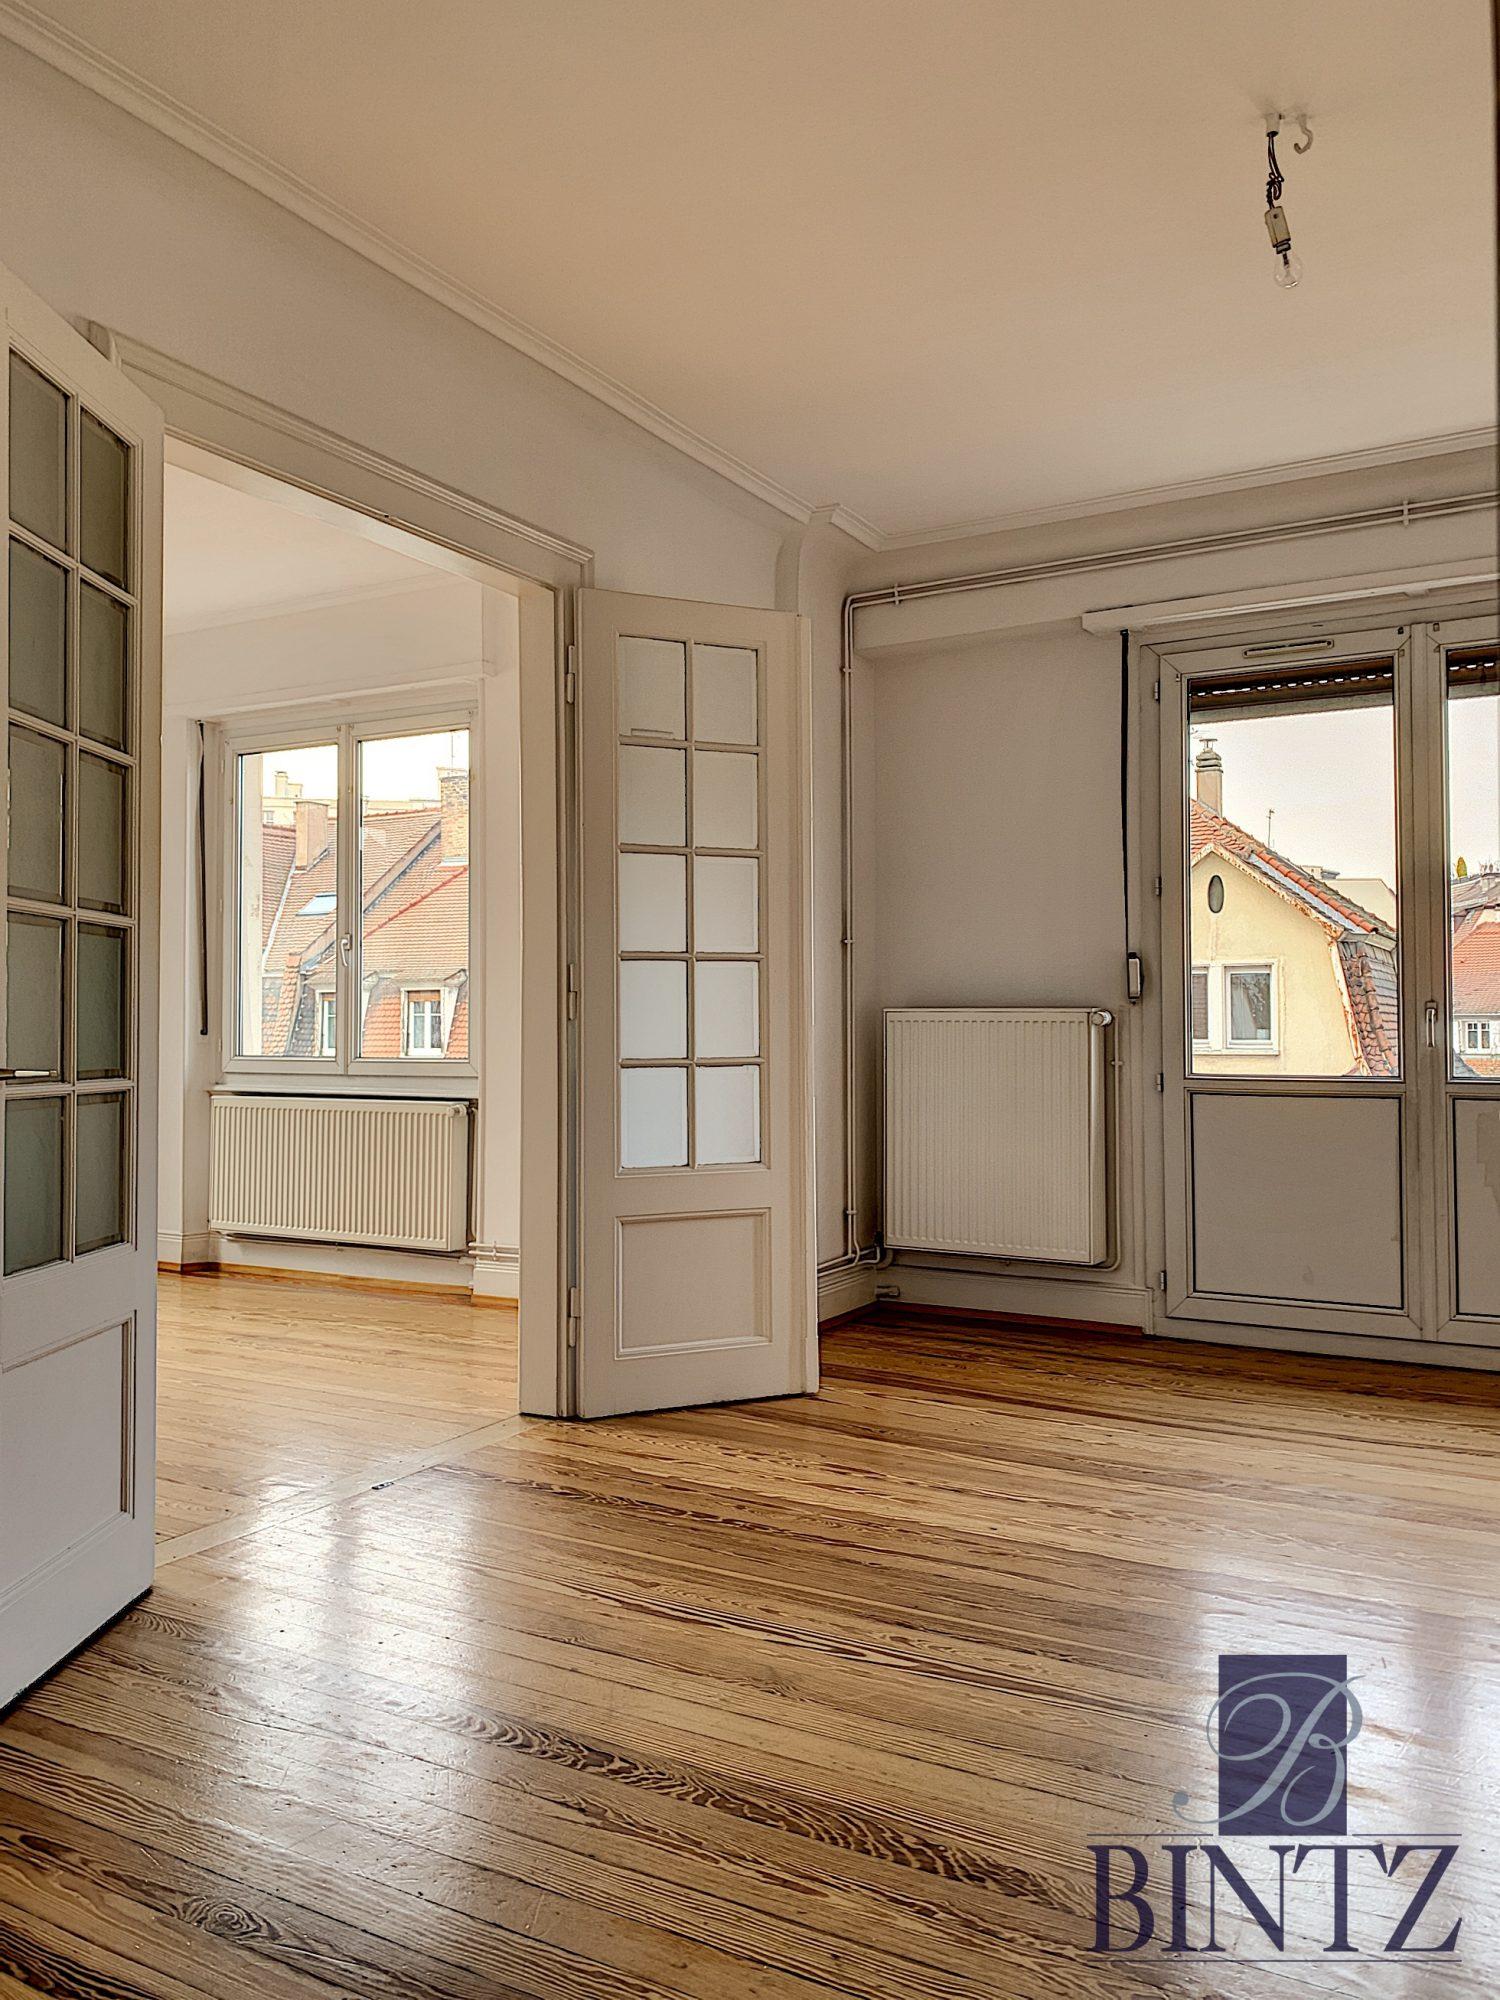 GRAND 5 PIÈCES RÉNOVÉ À NEUDORF - Devenez locataire en toute sérénité - Bintz Immobilier - 8